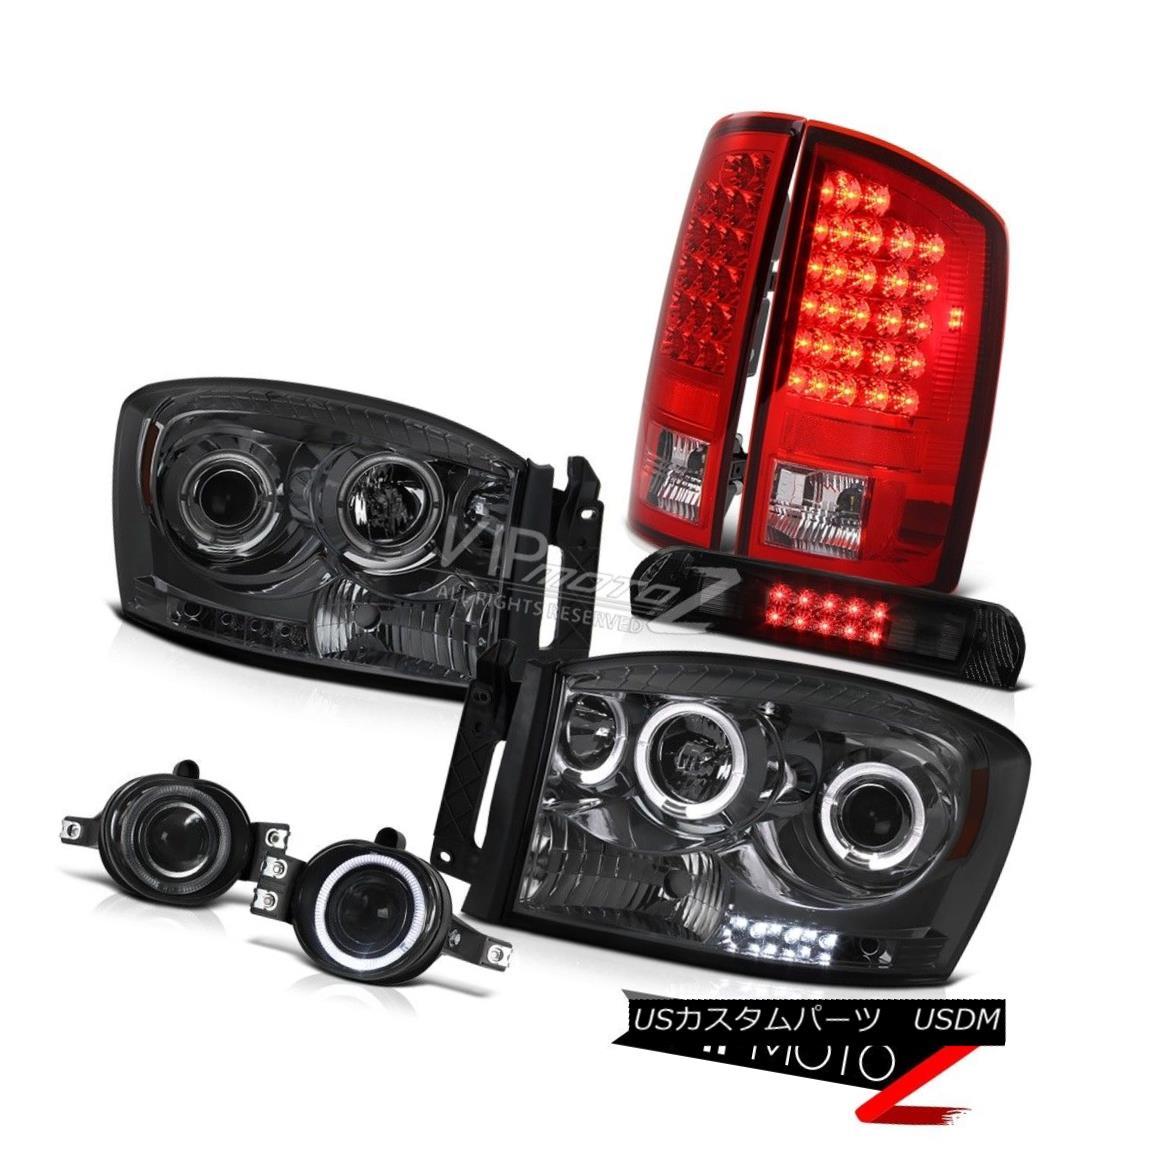 ヘッドライト Smoke Halo Headlight Red LED Tail Lights Projector Foglamps High Stop 06 Ram V6 スモークハローヘッドライトレッドLEDテールライトプロジェクターフォグランプハイストップ06 Ram V6